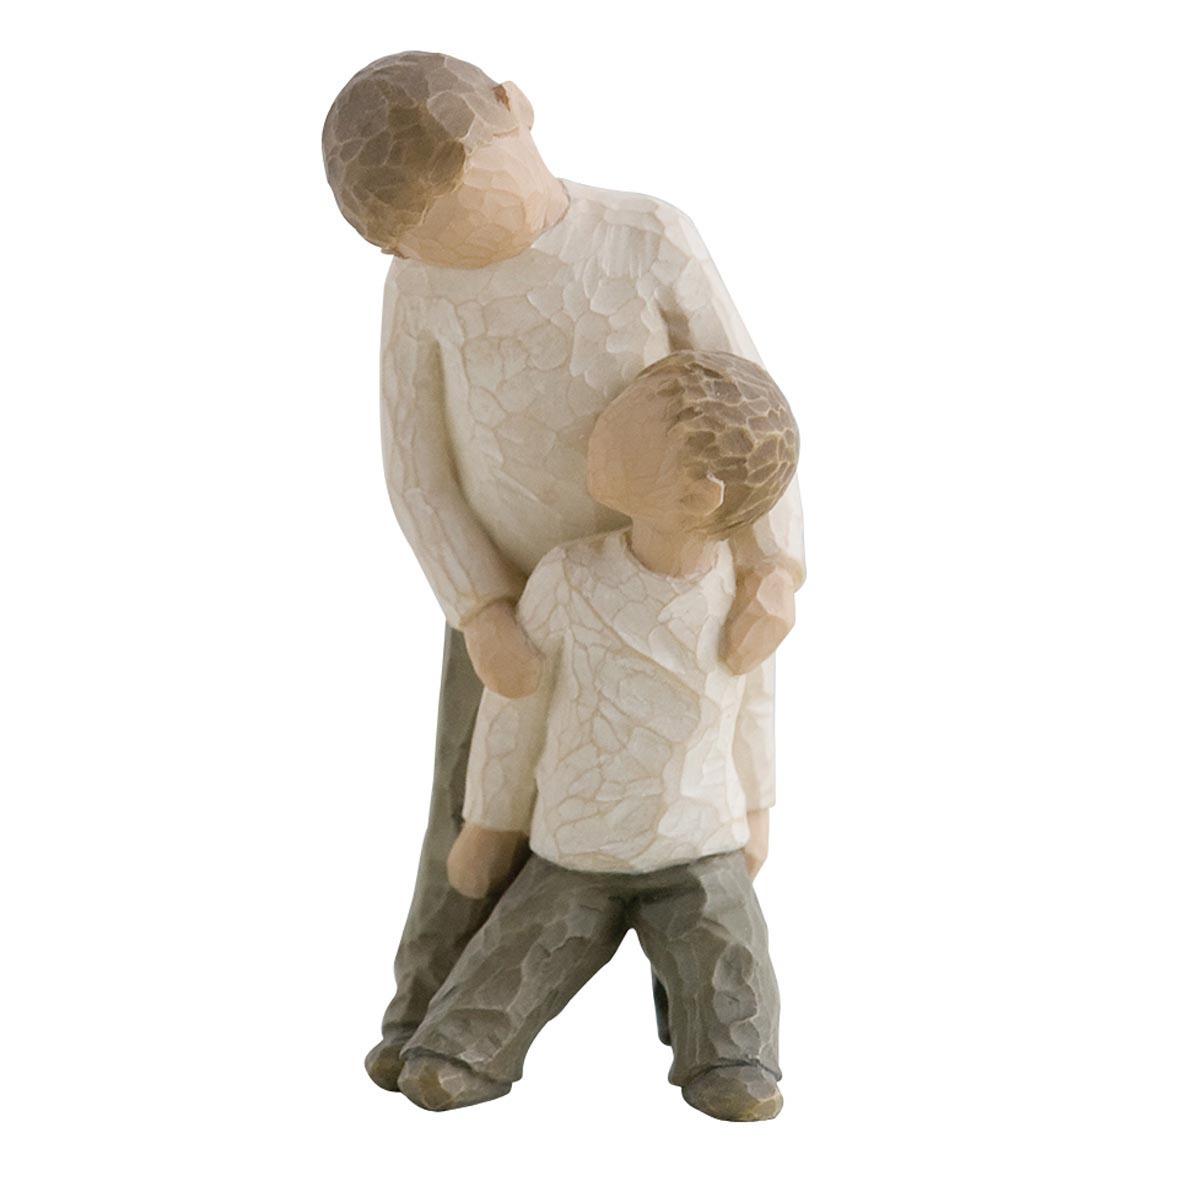 Фигурка декоративная Willow Tree статуэтка миниатюрная, интерьерная, 26056, Искусственный камень